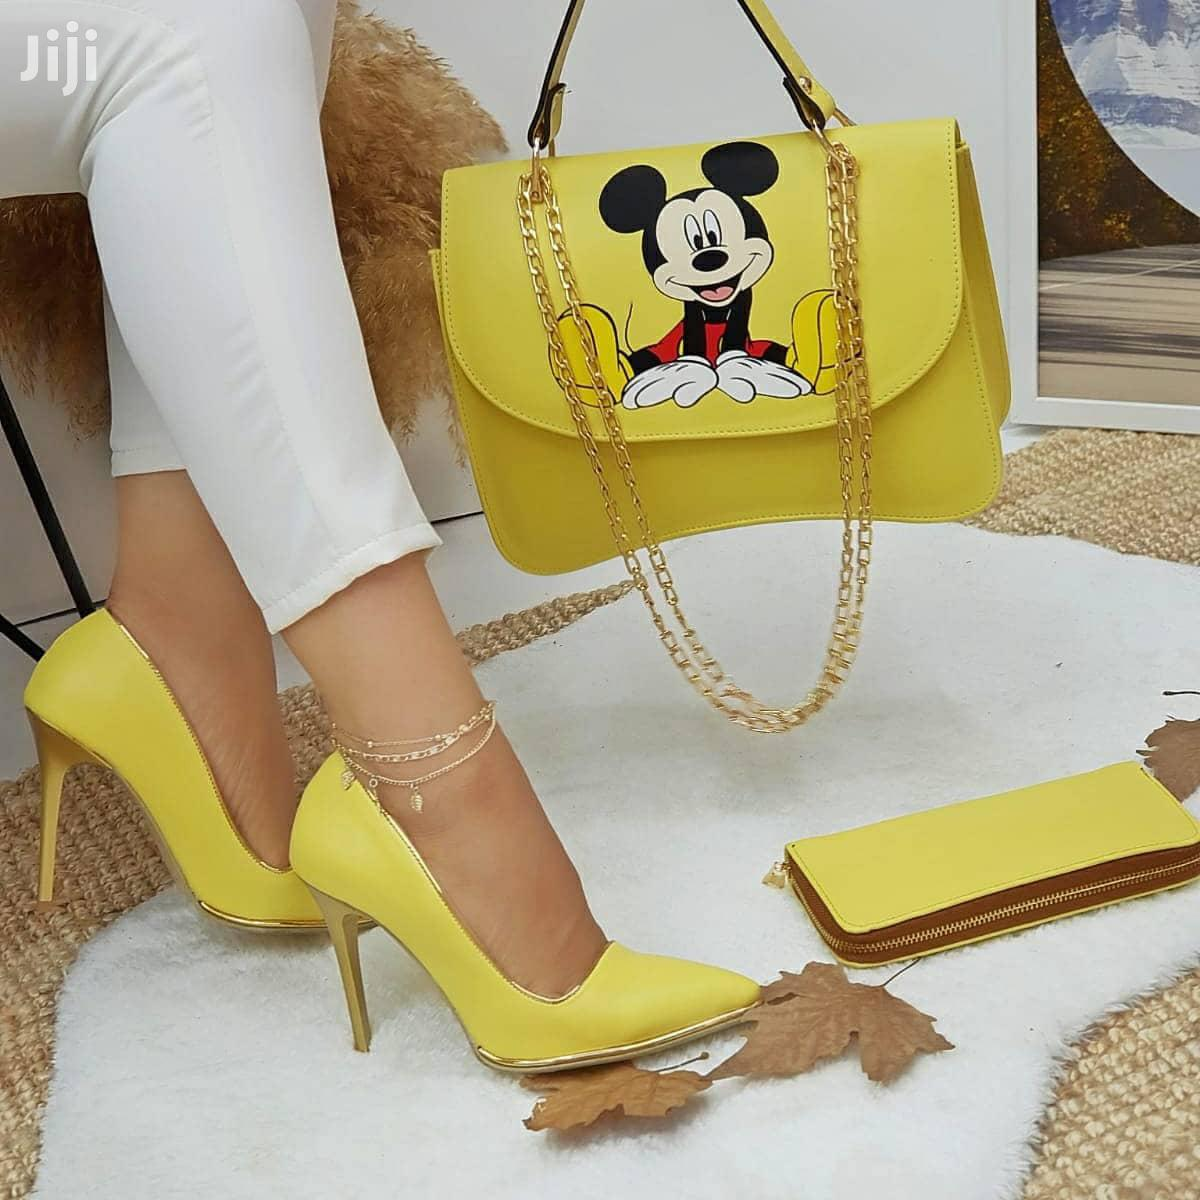 Women's Heels and Bags